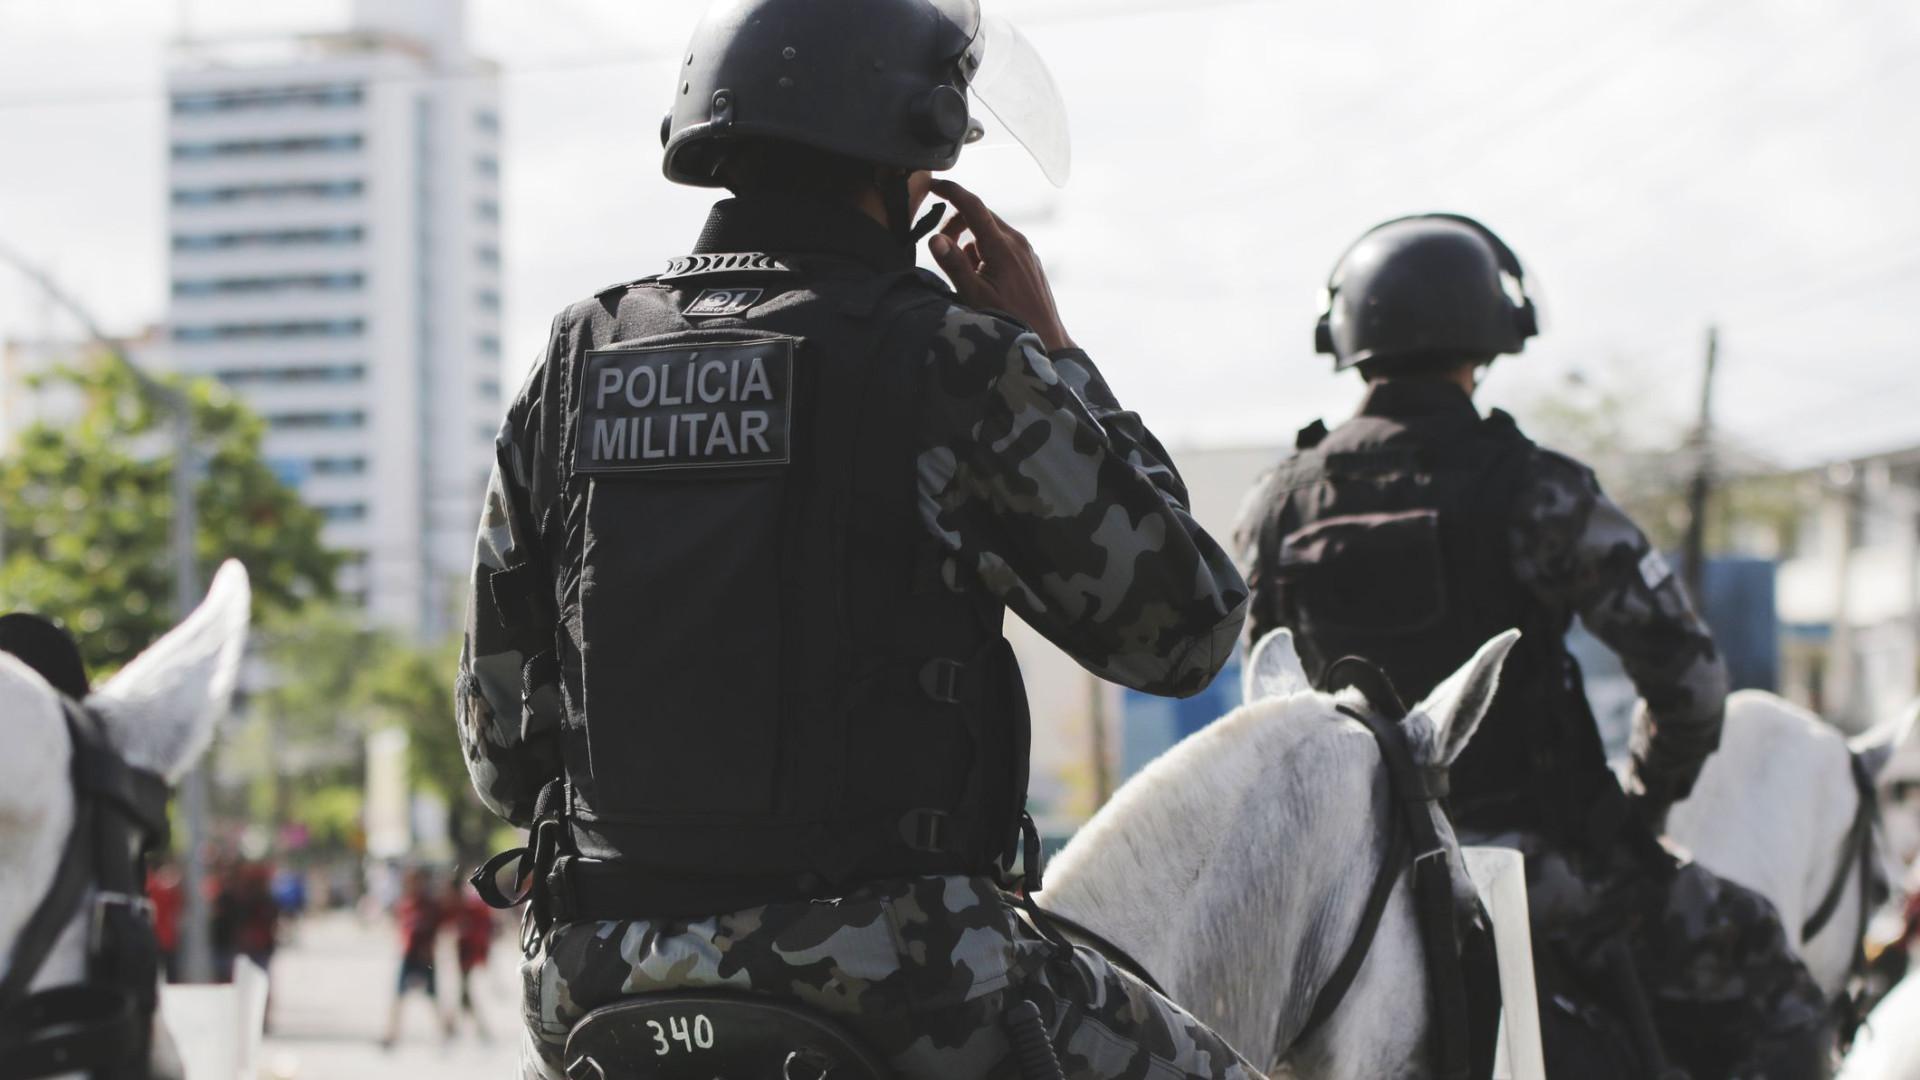 Sobe para 14 número de mortos em tentativa de assalto a bancos no Brasil